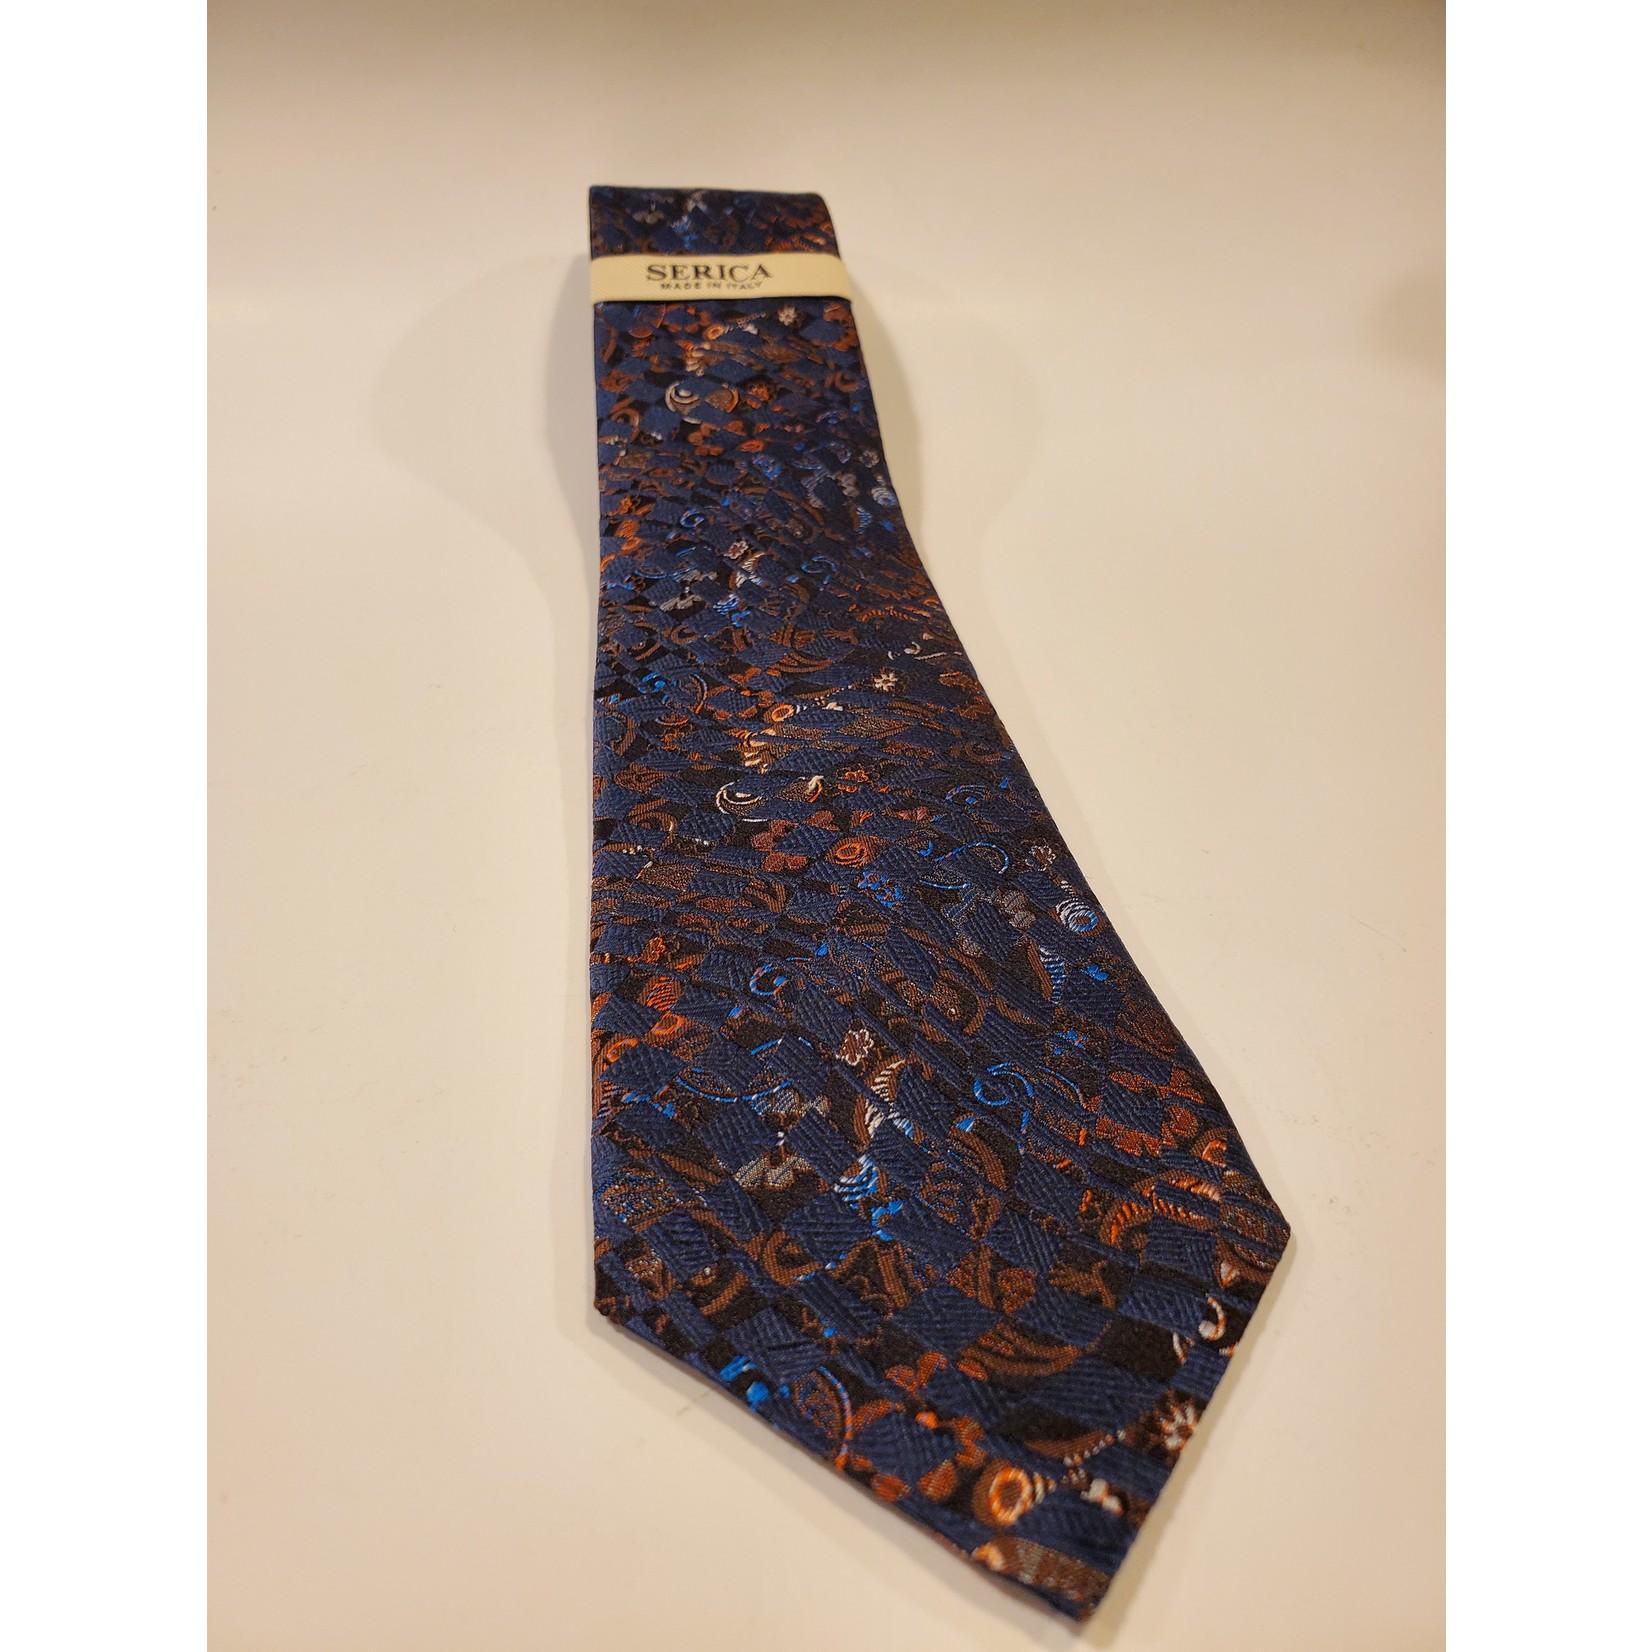 Serica 203236 Jacquard Silk Tie A - Navy Check Paisley